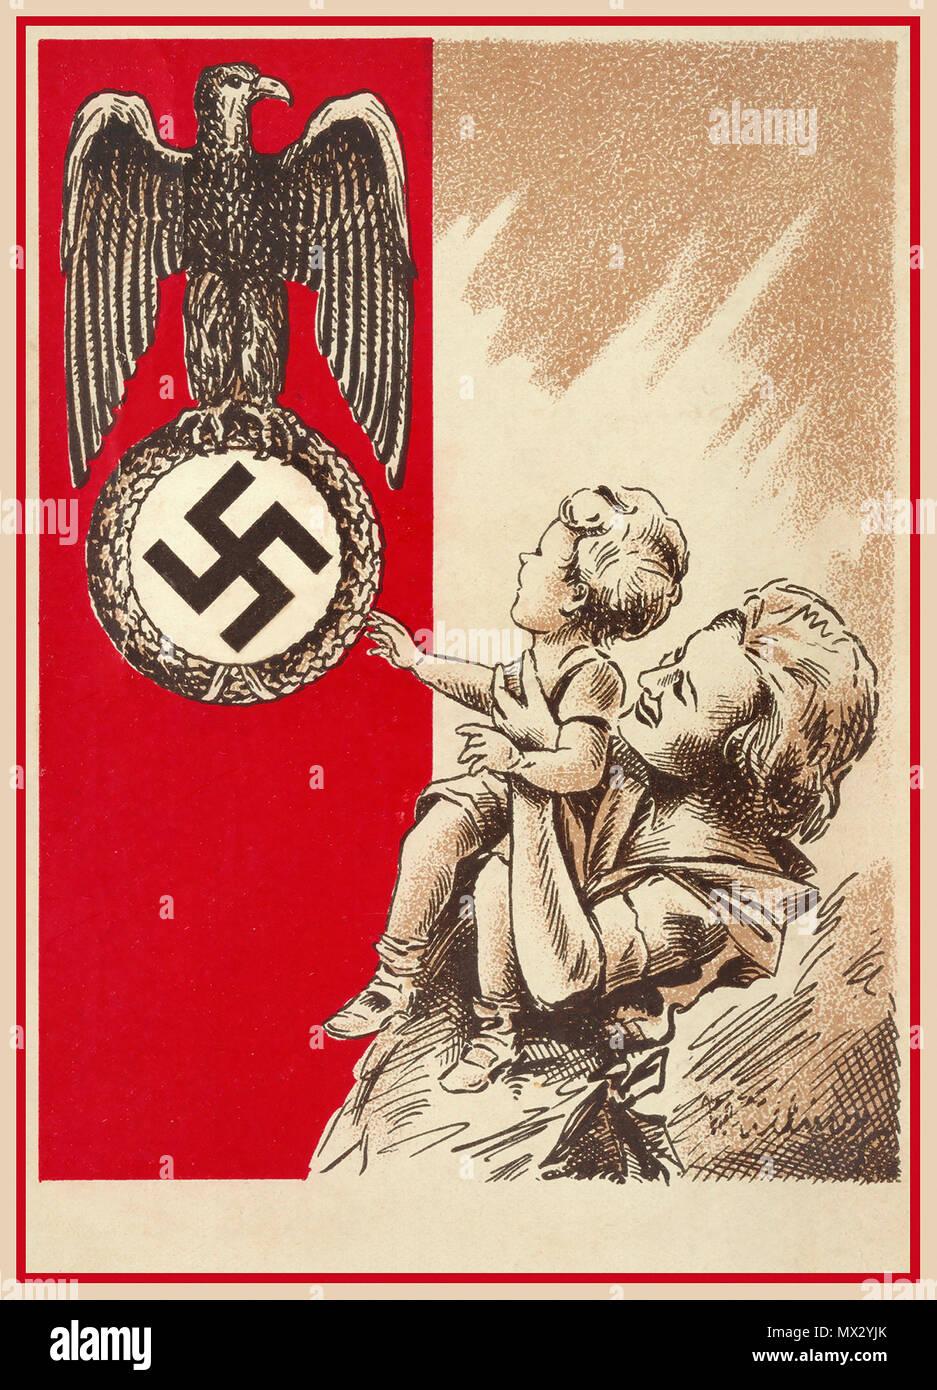 1939 cartolina di Propaganda la Germania nazista che mostra una madre e un bambino con la Patria nazista di Aquila e svastica come un custode nazionale simbolo per essere venerata rispettato e ammirato... Immagini Stock